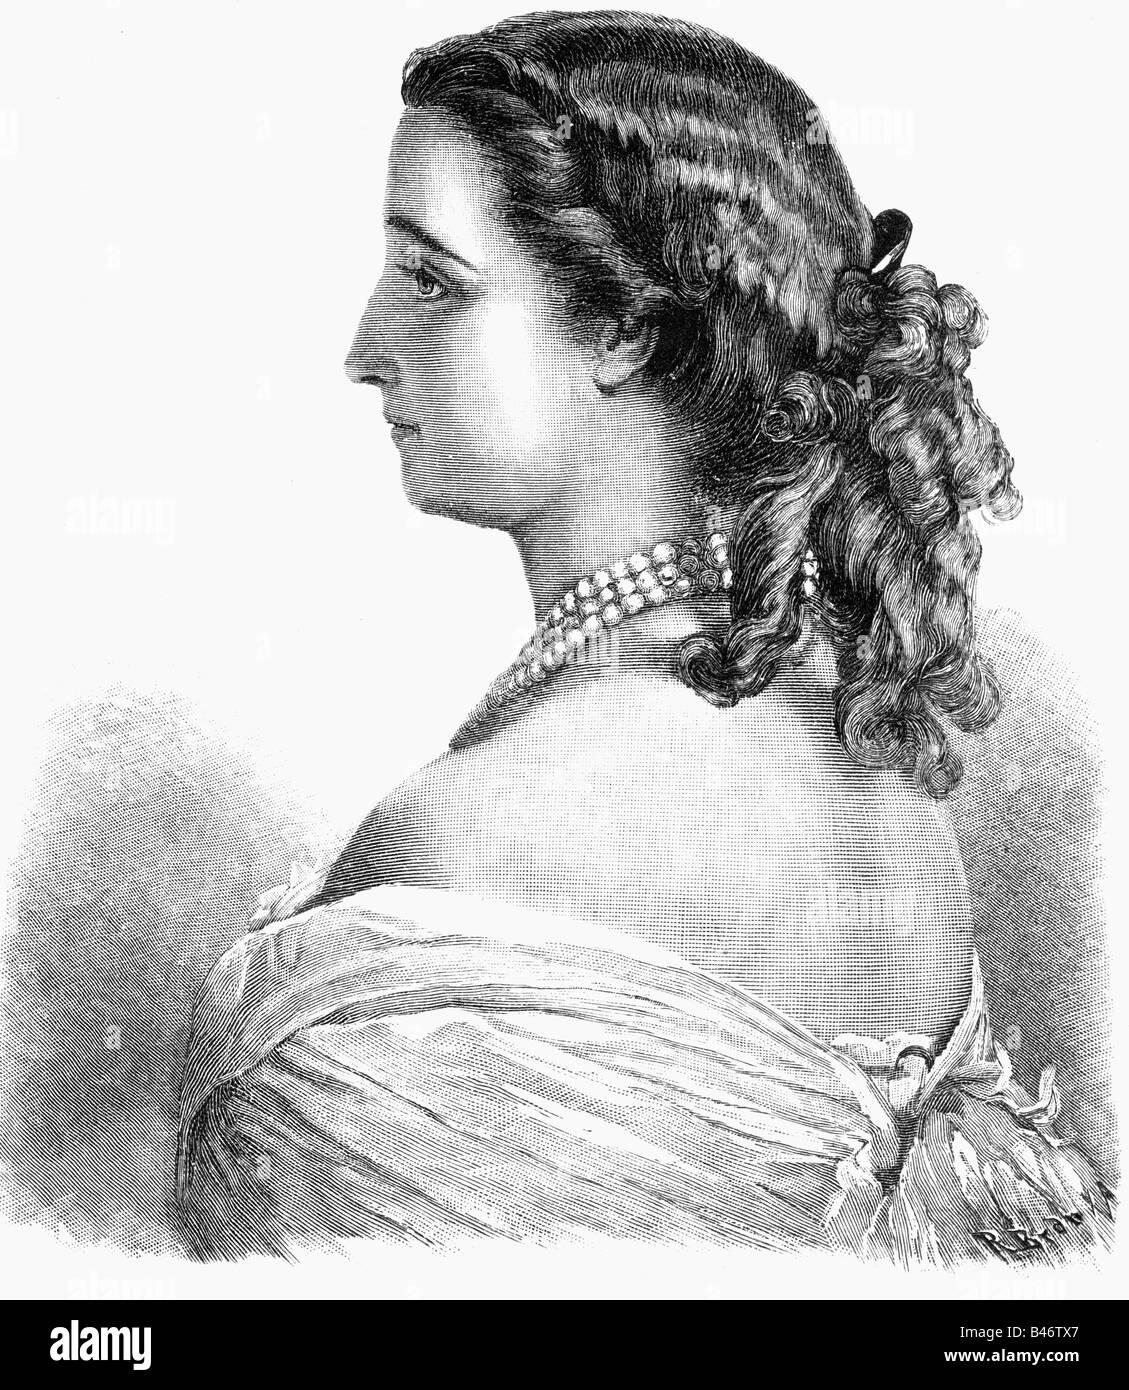 Eugénie, 5.5.1826 - 11.7.1920, l'Impératrice Consort de France 30.1.1853 - 4.9.1870, demi-longueur, gravure sur Banque D'Images